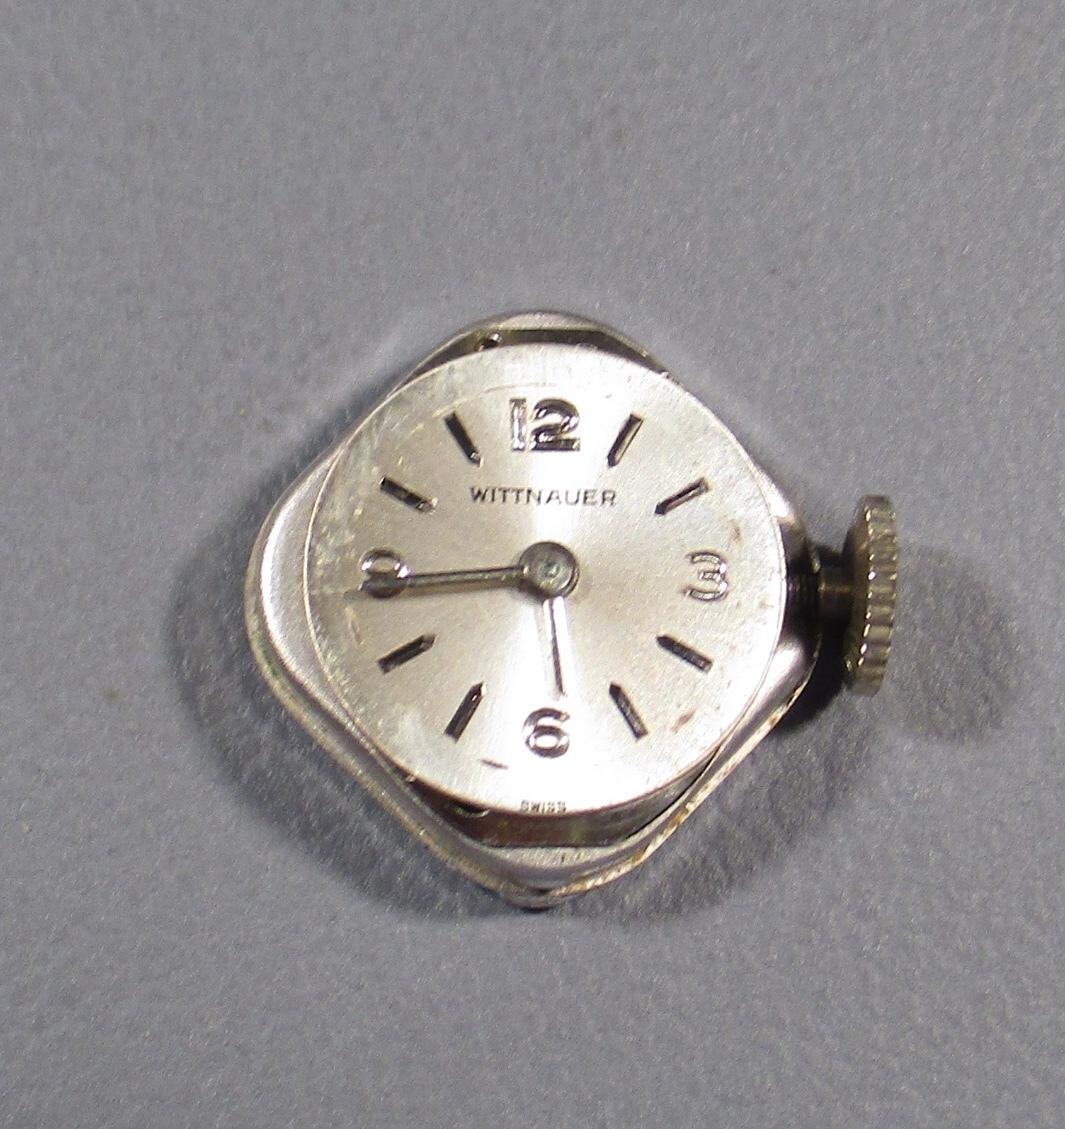 ☆ ビンテージ 14KYG ウイットナー 婦人用腕時計_画像4